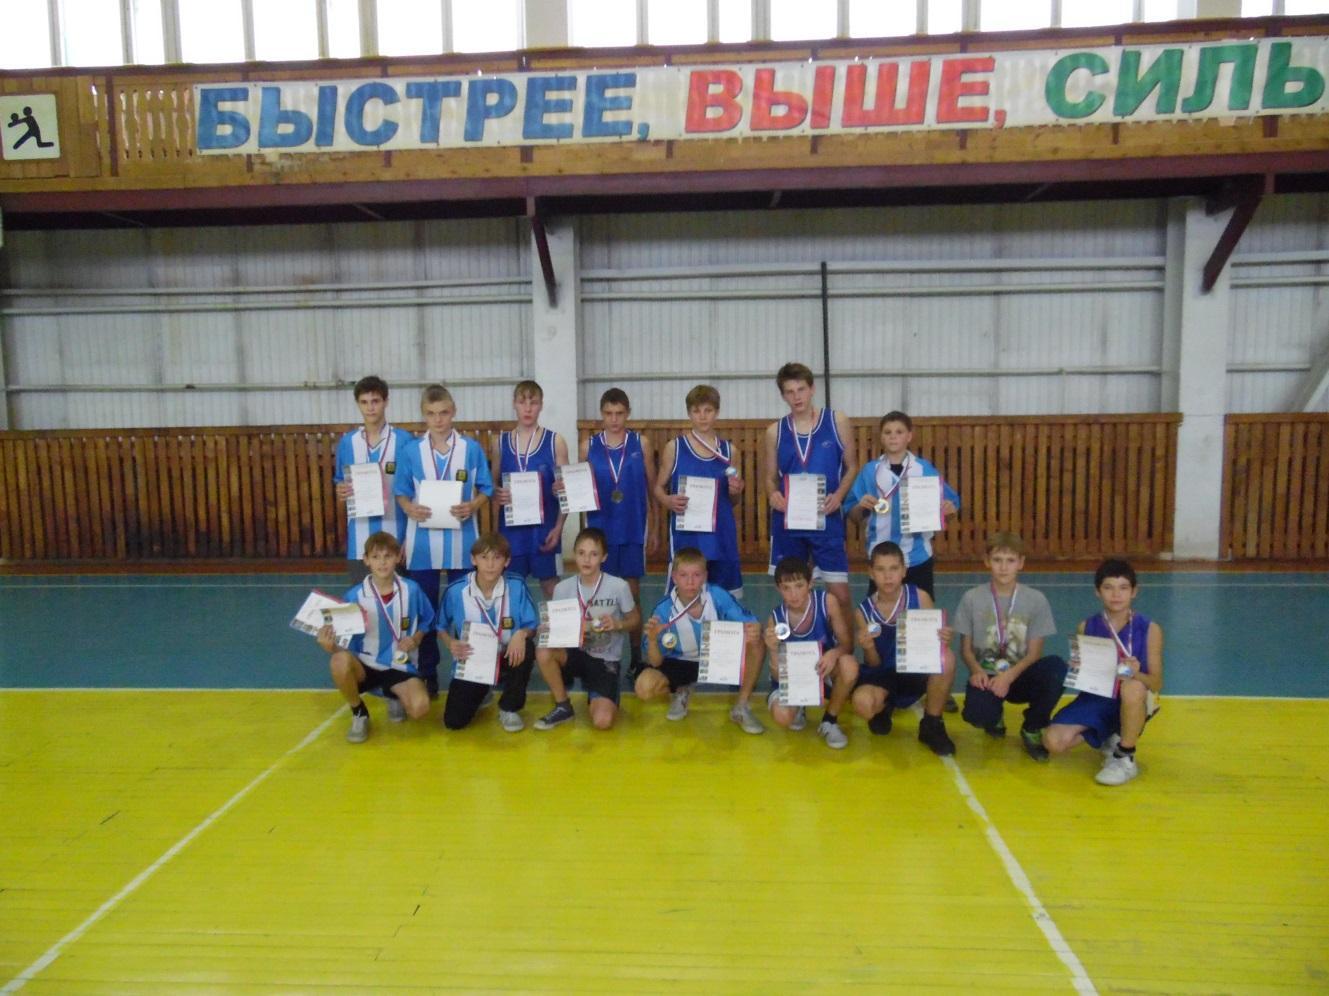 \\ТЕХНИК-ПК\local_trash\школьные фотографии\15-16\октябрь\зональные соревнования баскетбол\отчет о проведении\SAM_6311.JPG